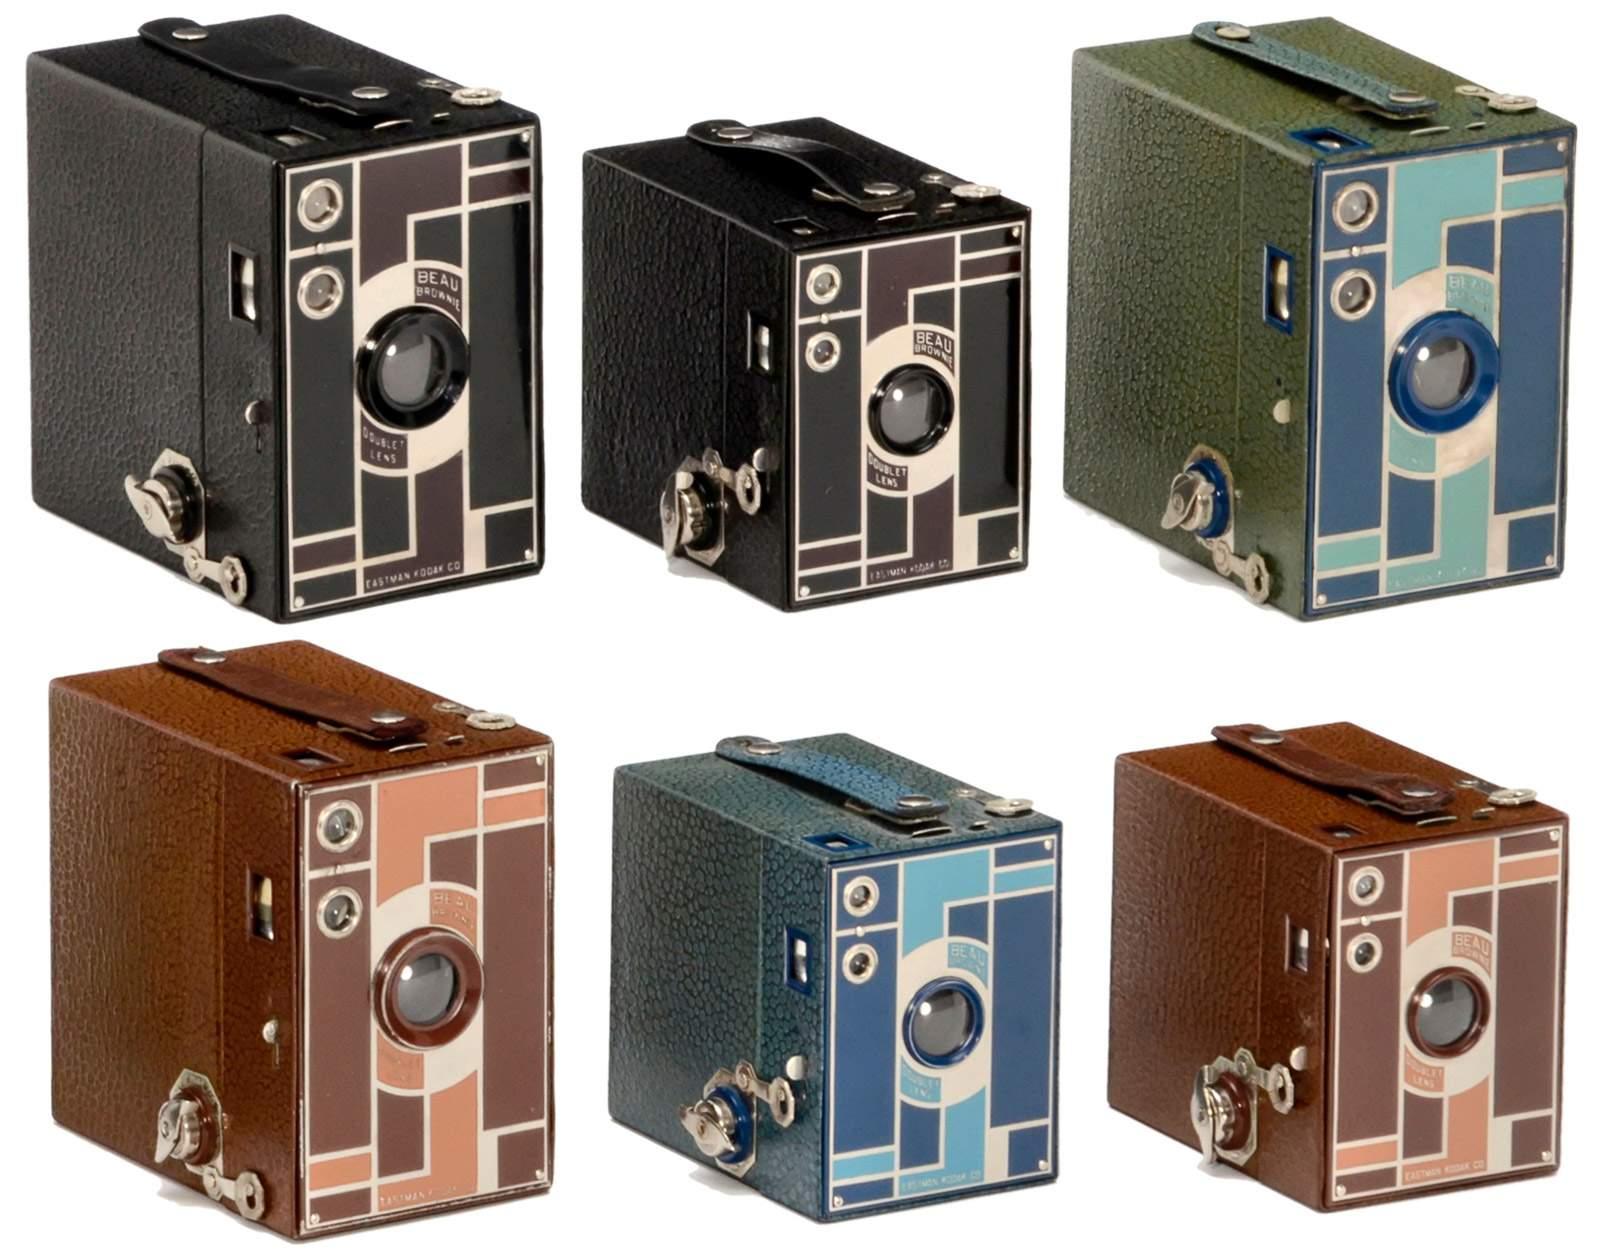 дорвин тиг фотокамера пластик